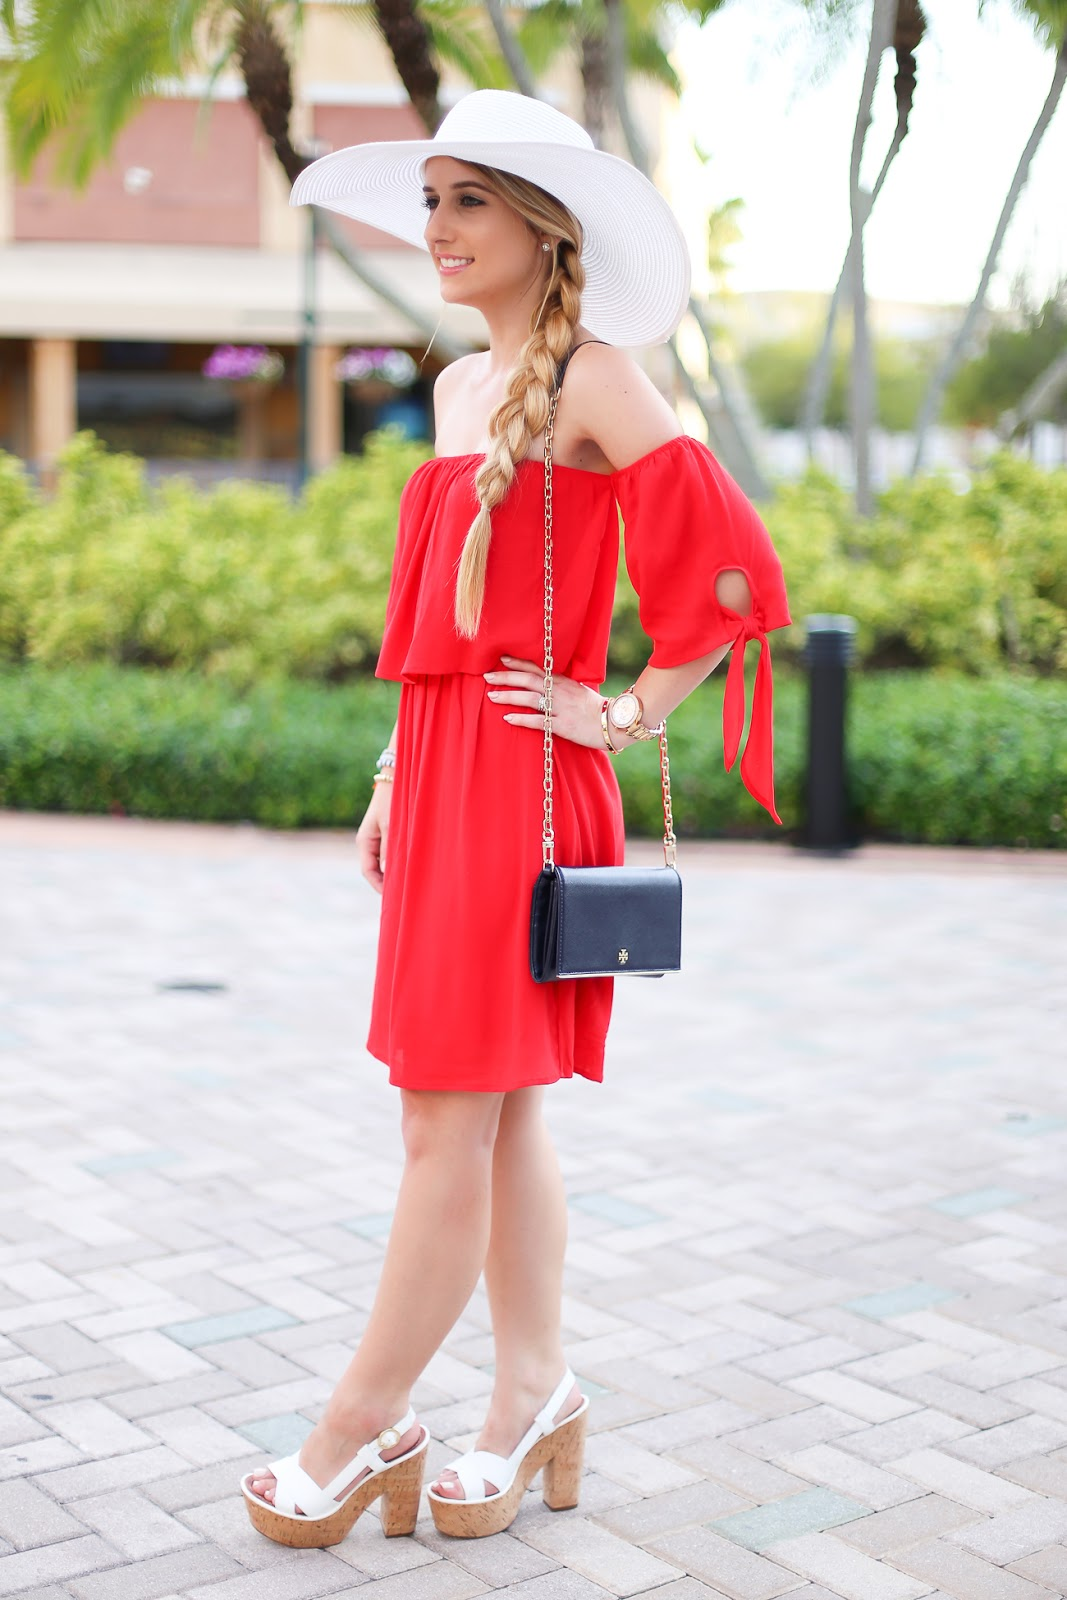 Red dress target 3 ring